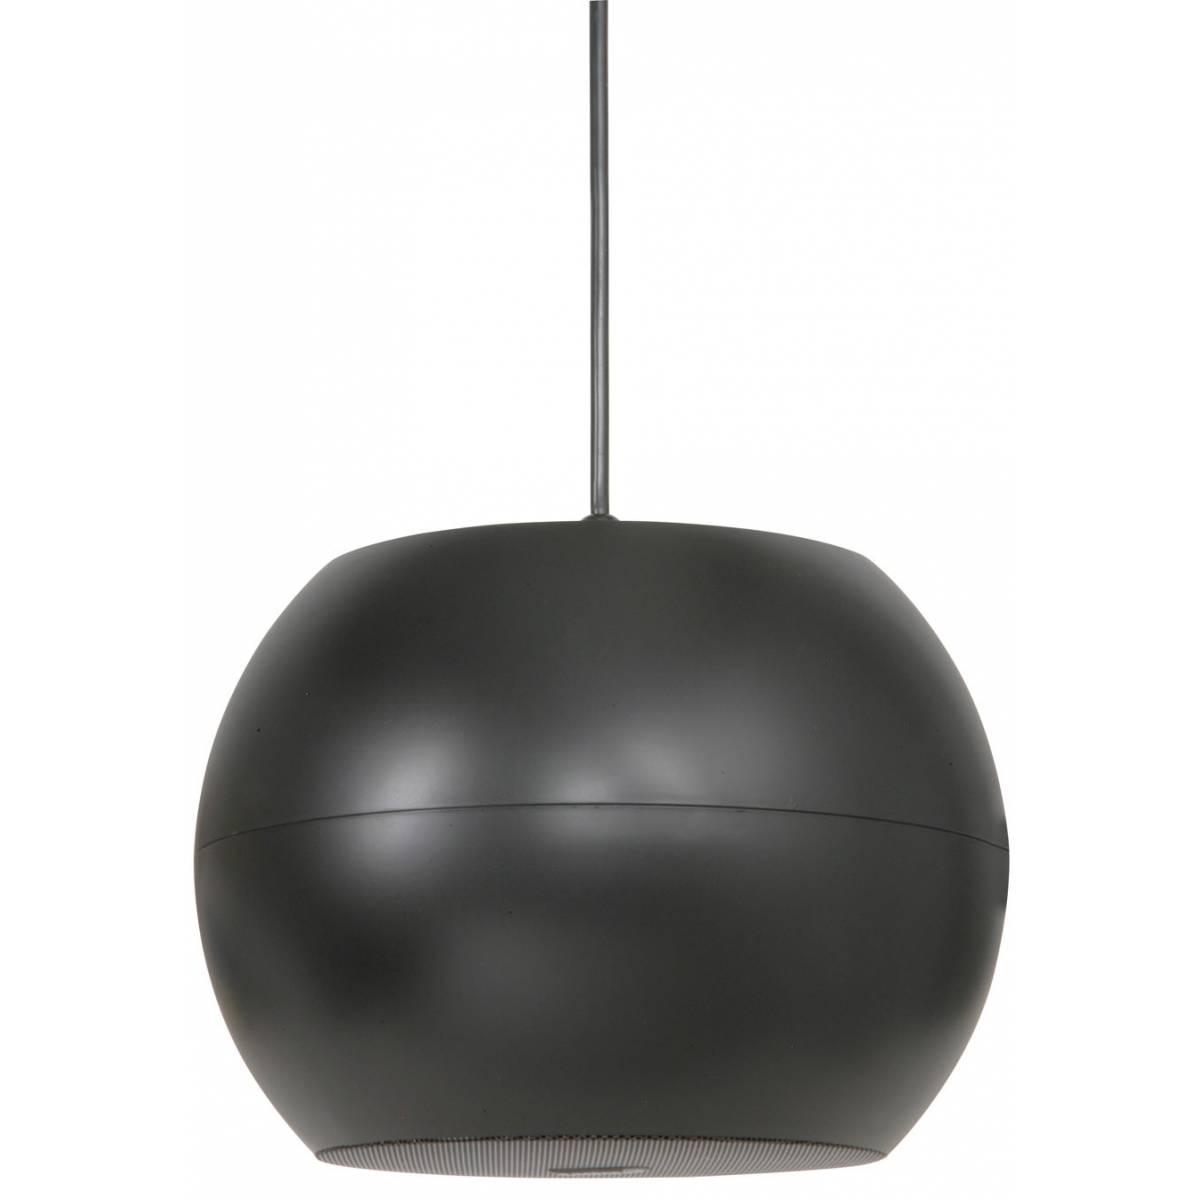 adastra pendant speaker 6 5 inch black 100v ceiling